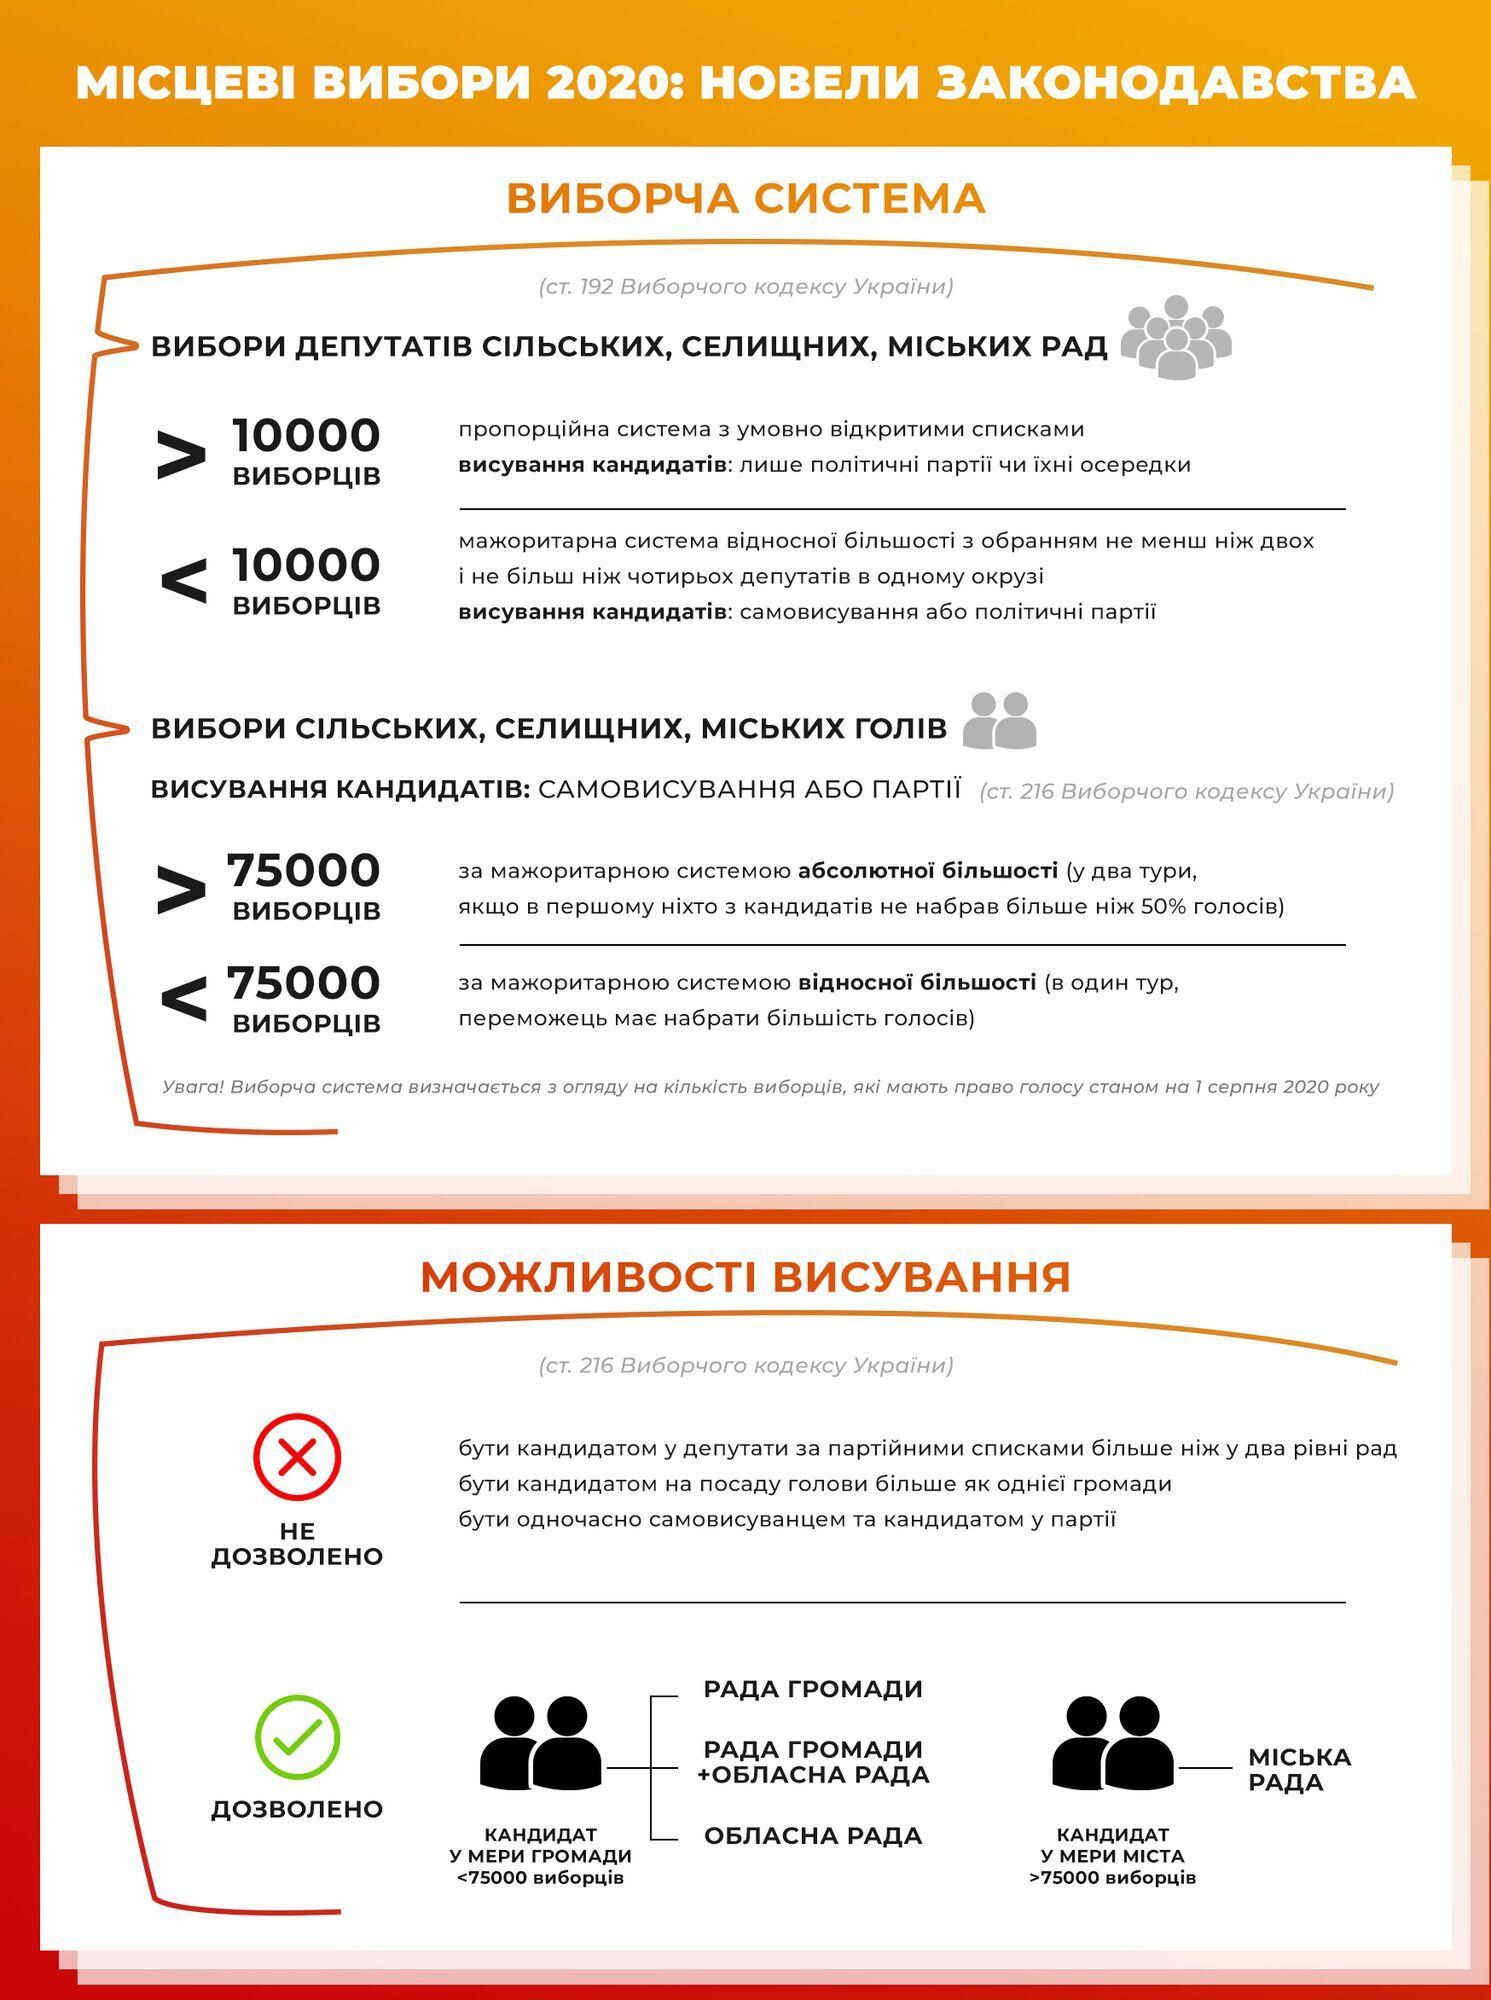 Местные выборы 2020 в Украине: кого и когда будем выбирать и в чем уникальность